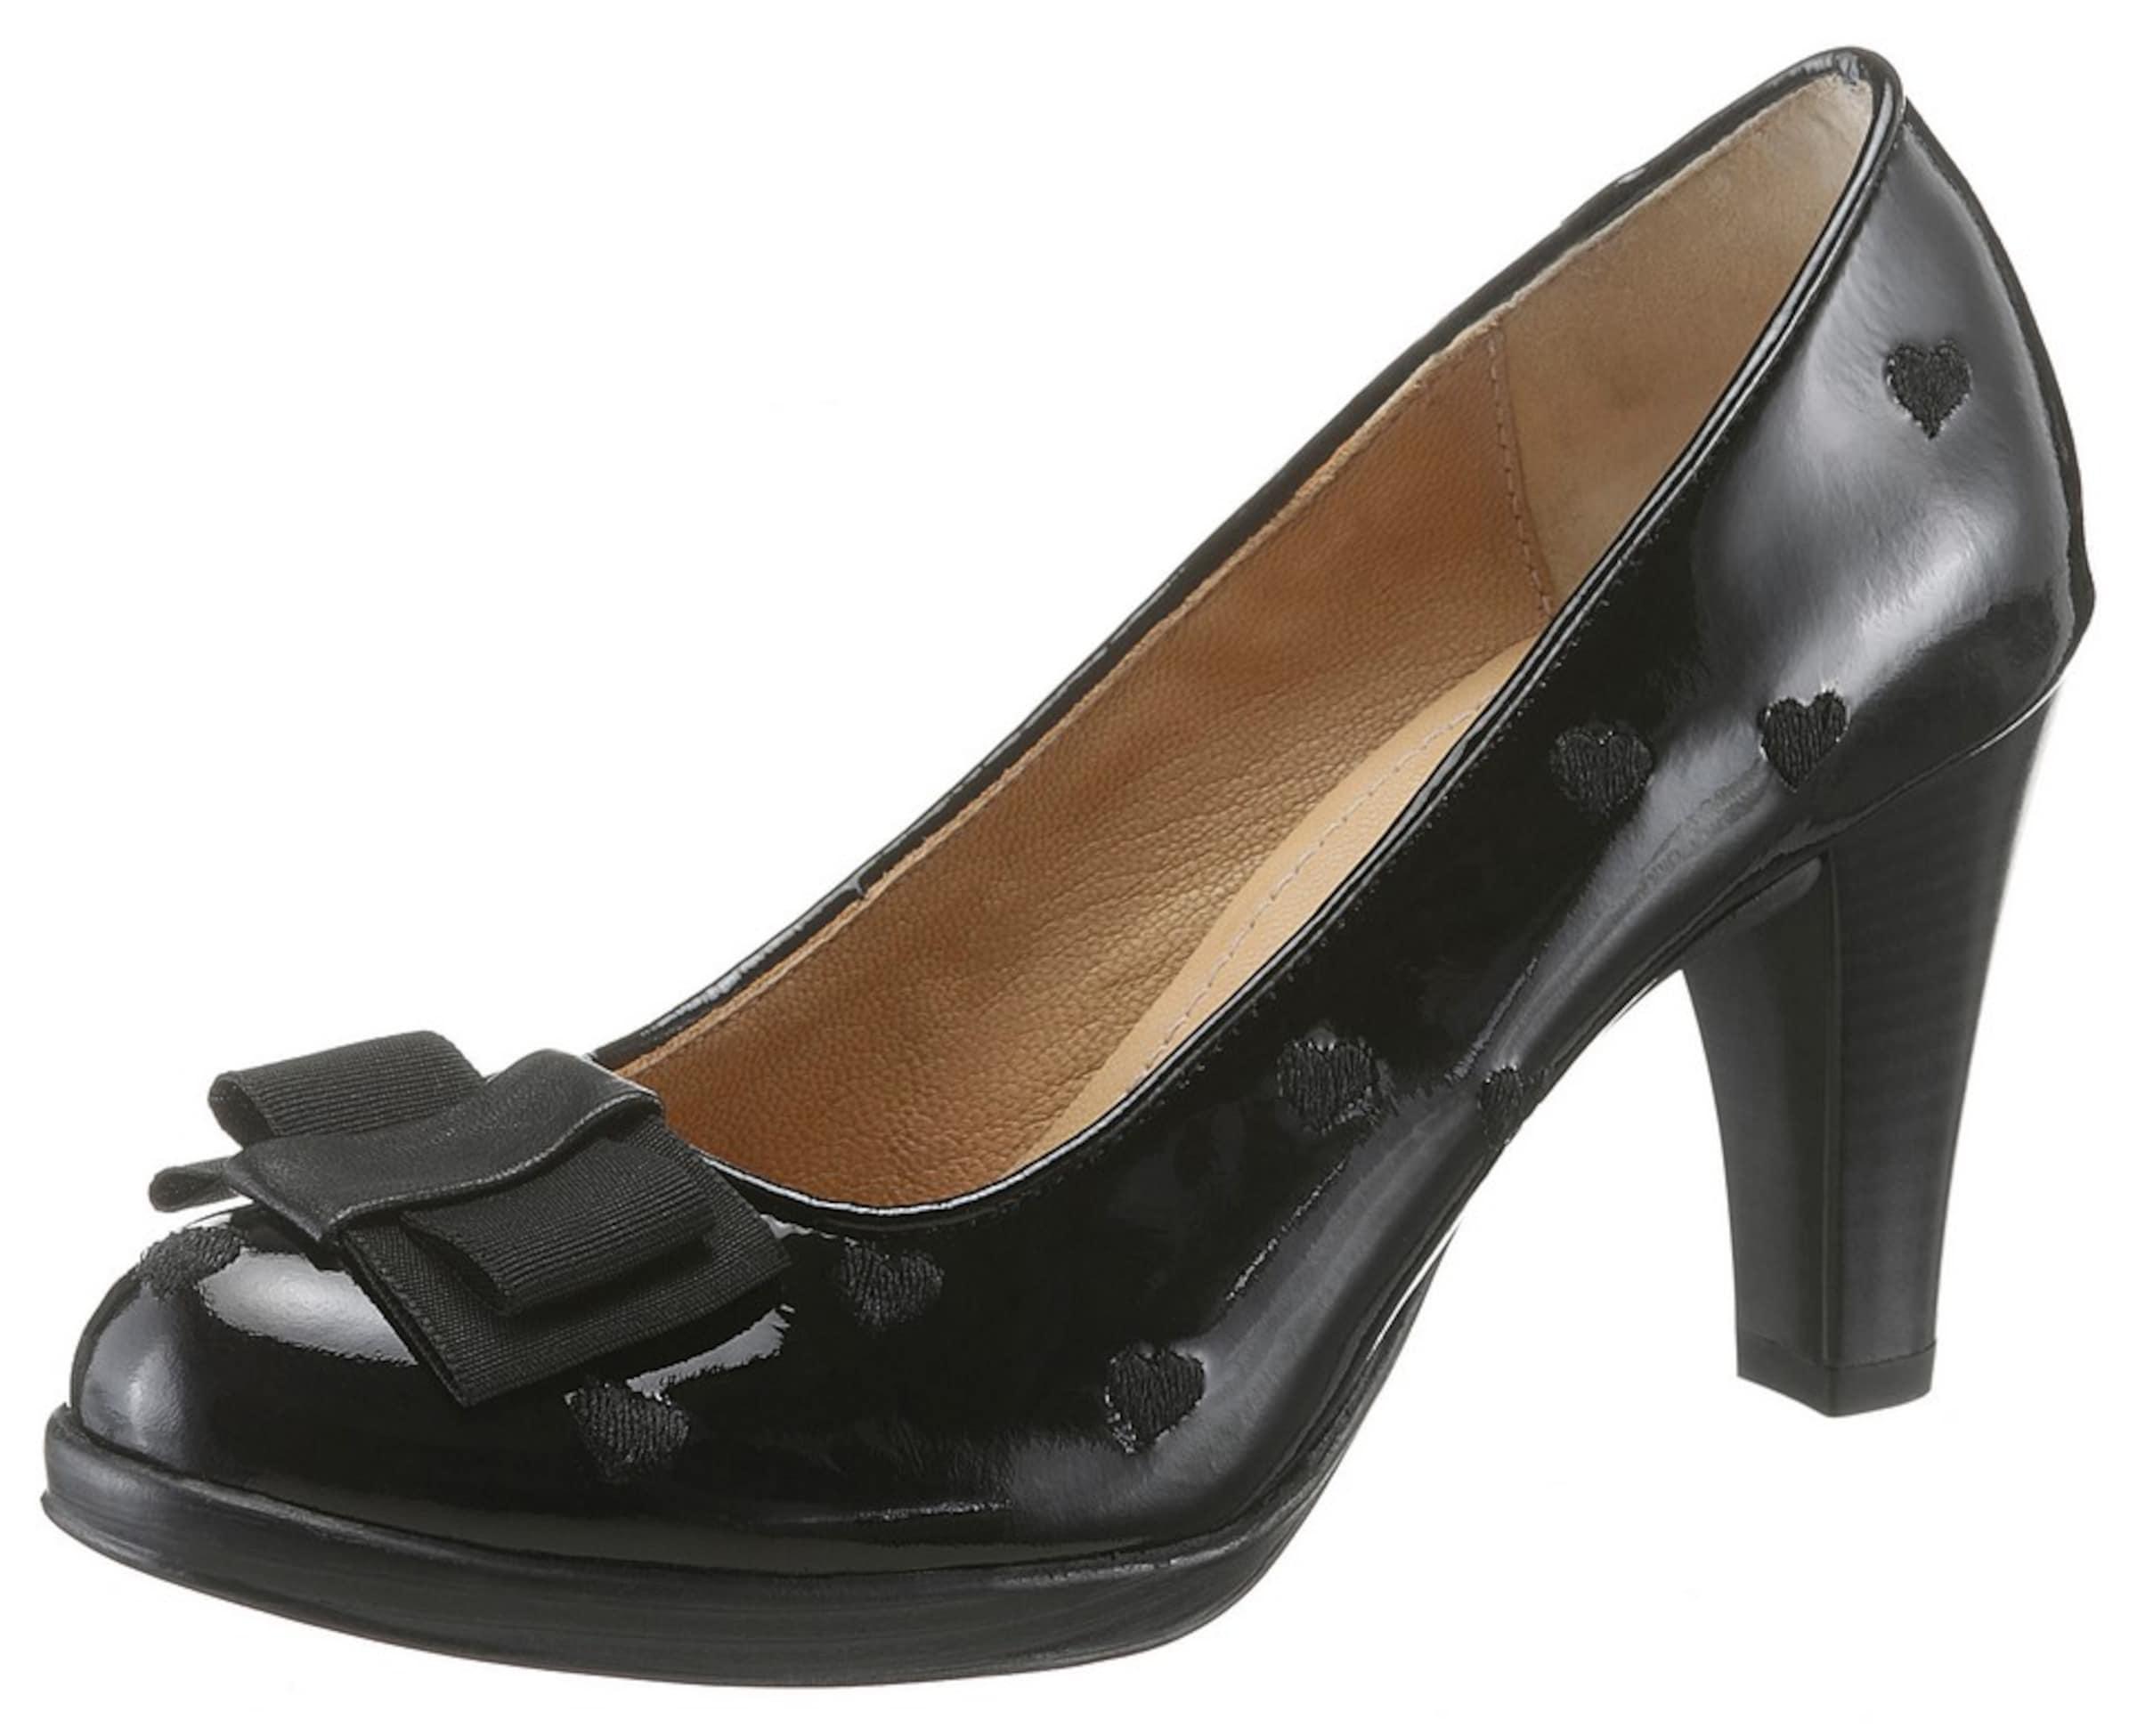 SPIETH & WENSKY | Trachtenpumps mit Schleife Schuhe Gut getragene Schuhe